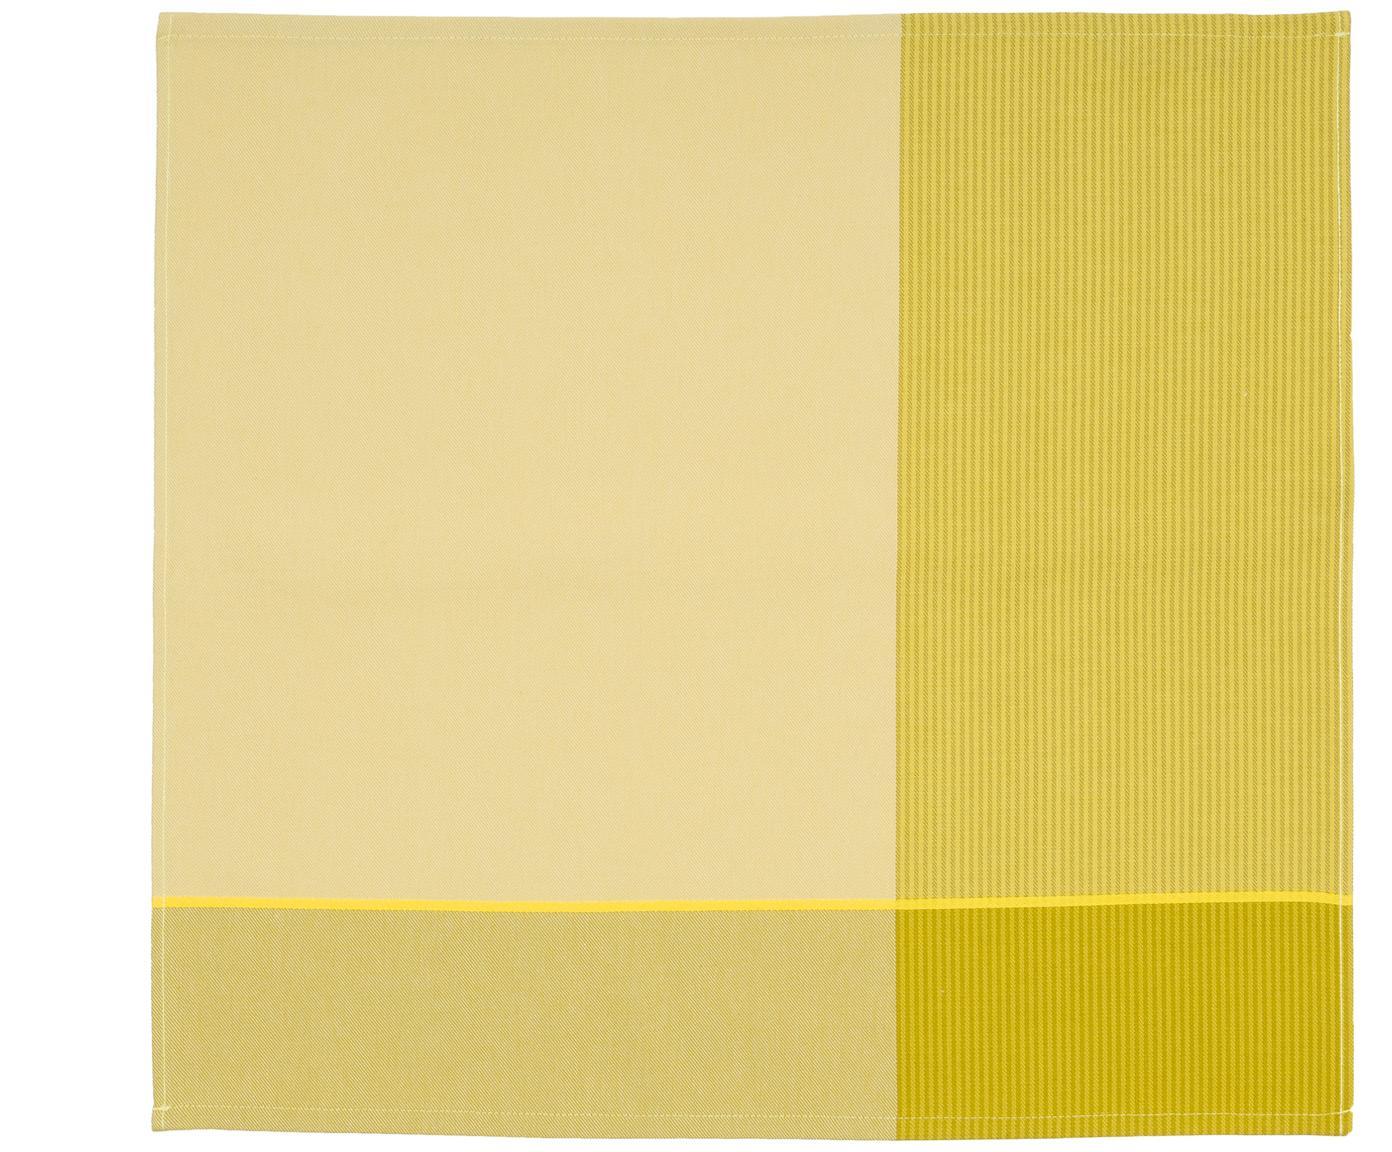 Theedoeken Blend, 6 stuks, Katoen, Geeltinten, 60 x 65 cm